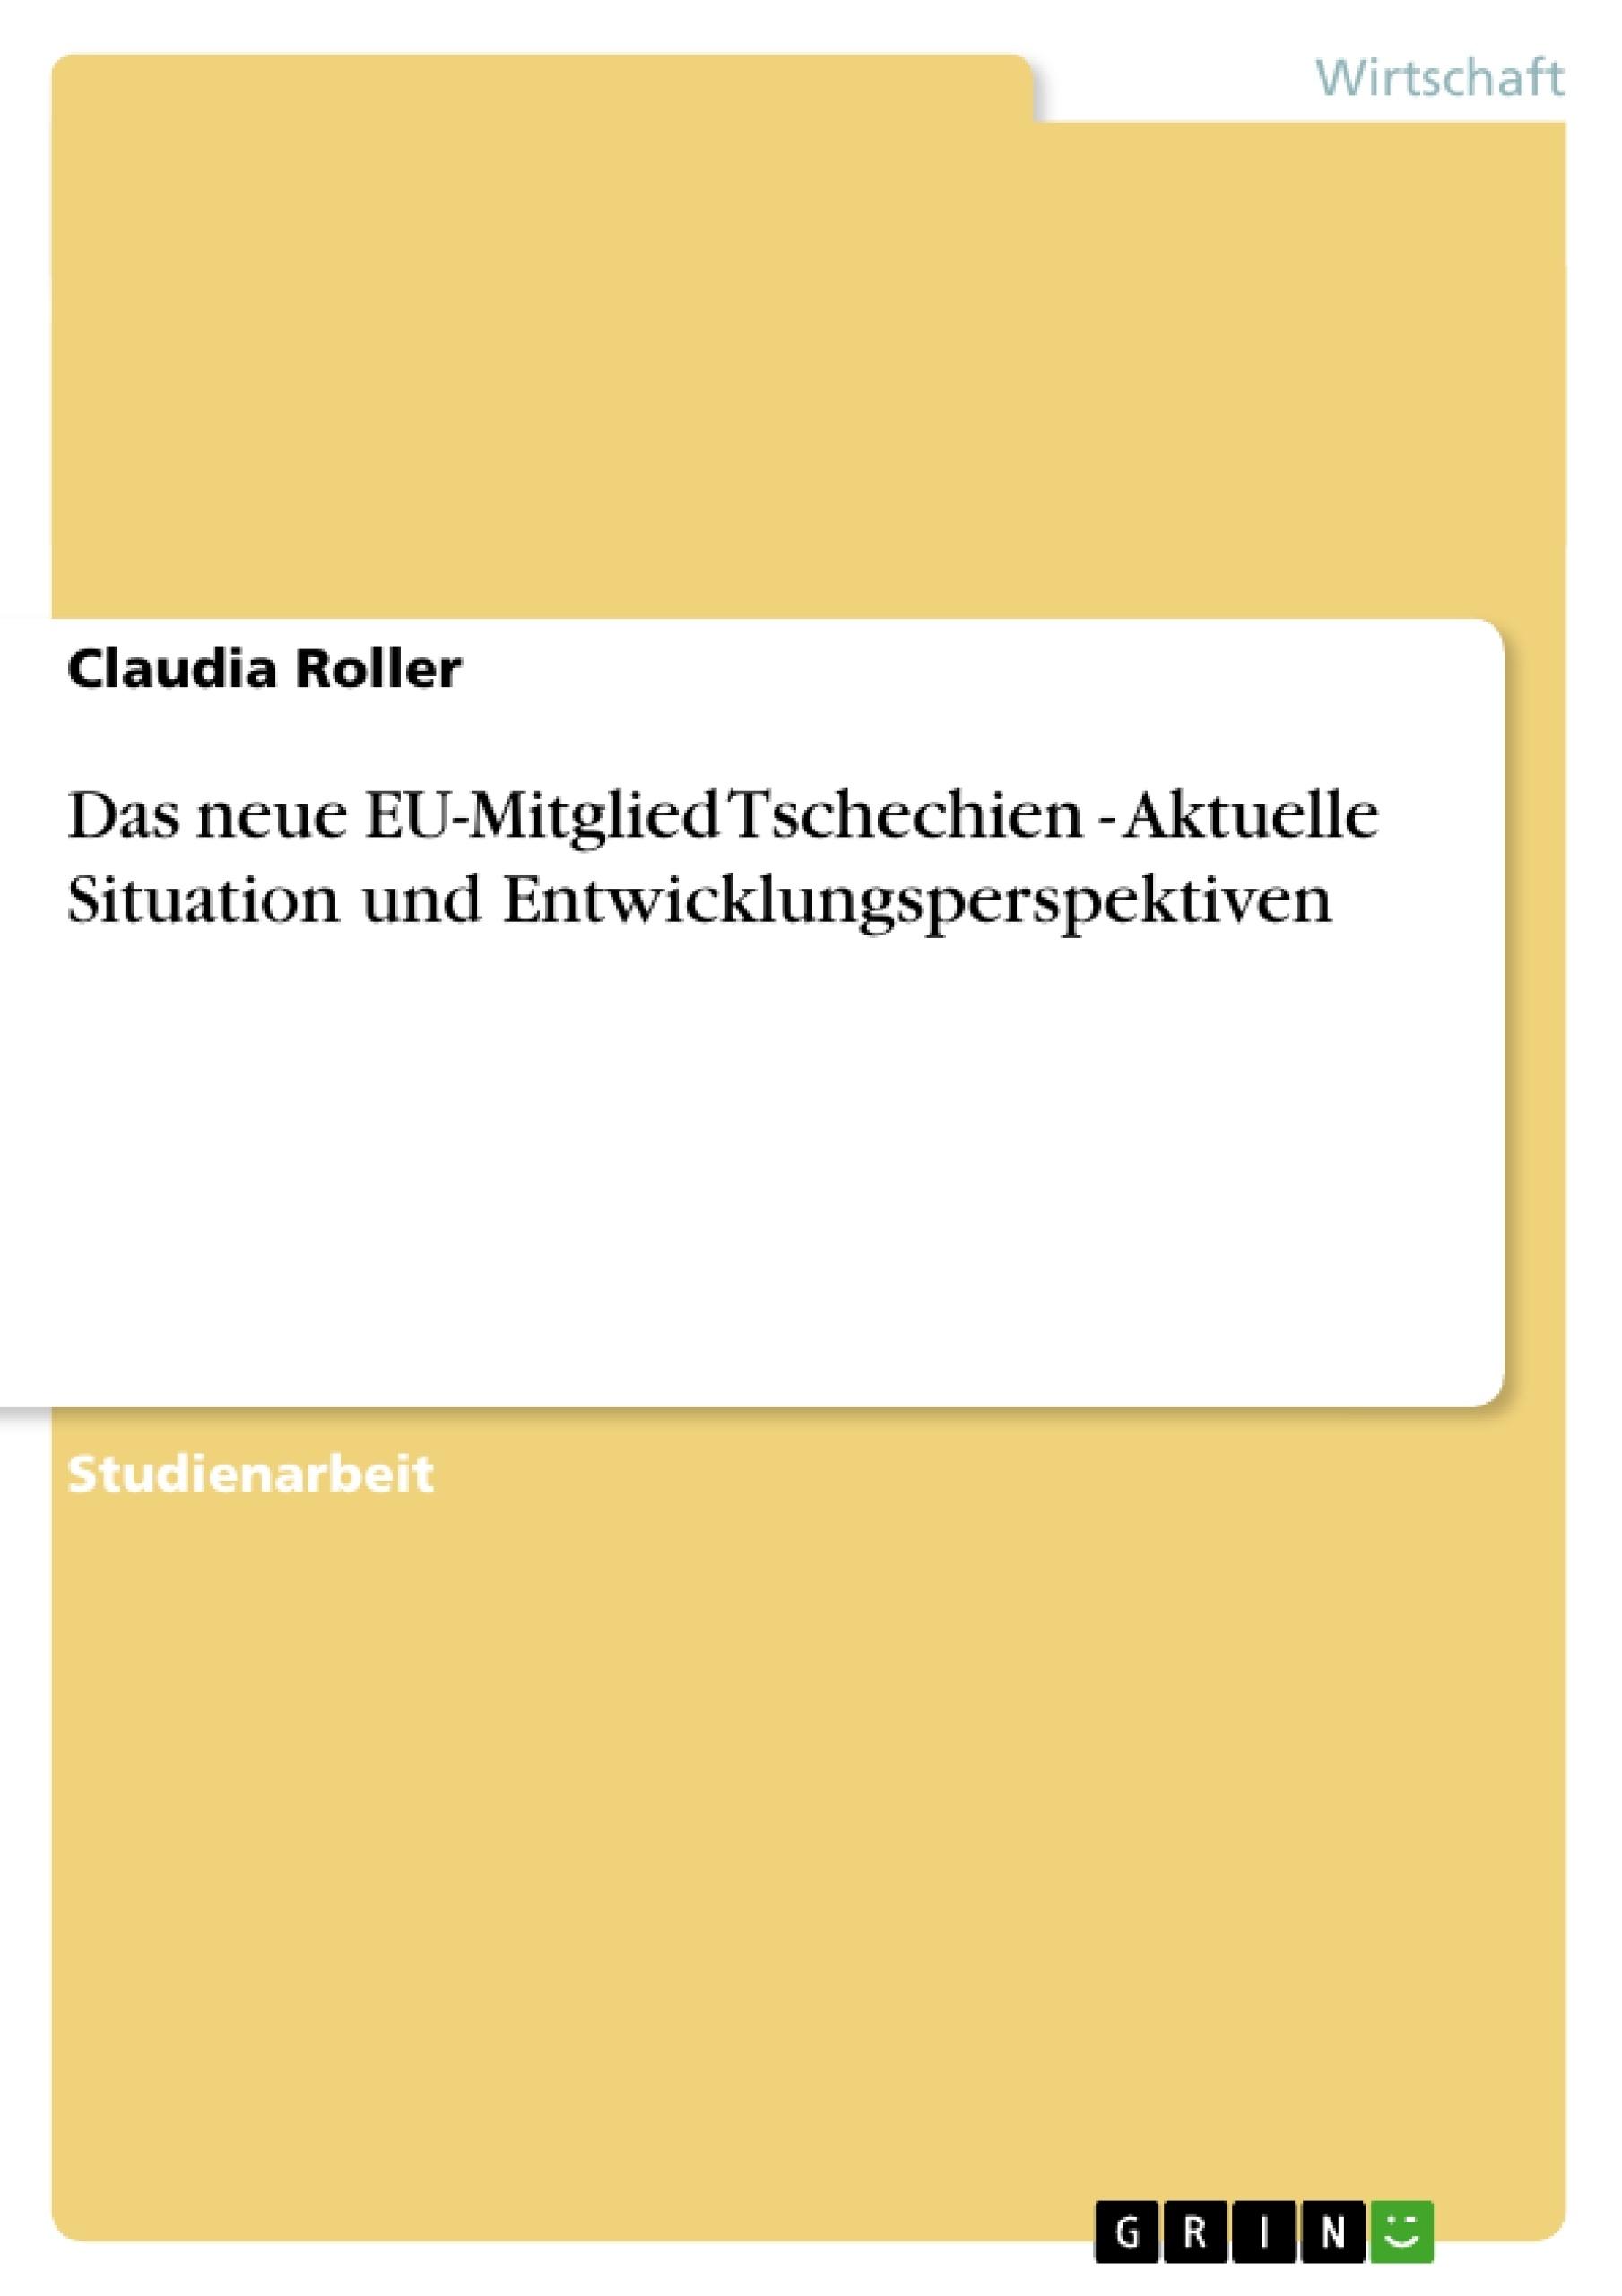 Titel: Das neue EU-Mitglied Tschechien - Aktuelle Situation und Entwicklungsperspektiven